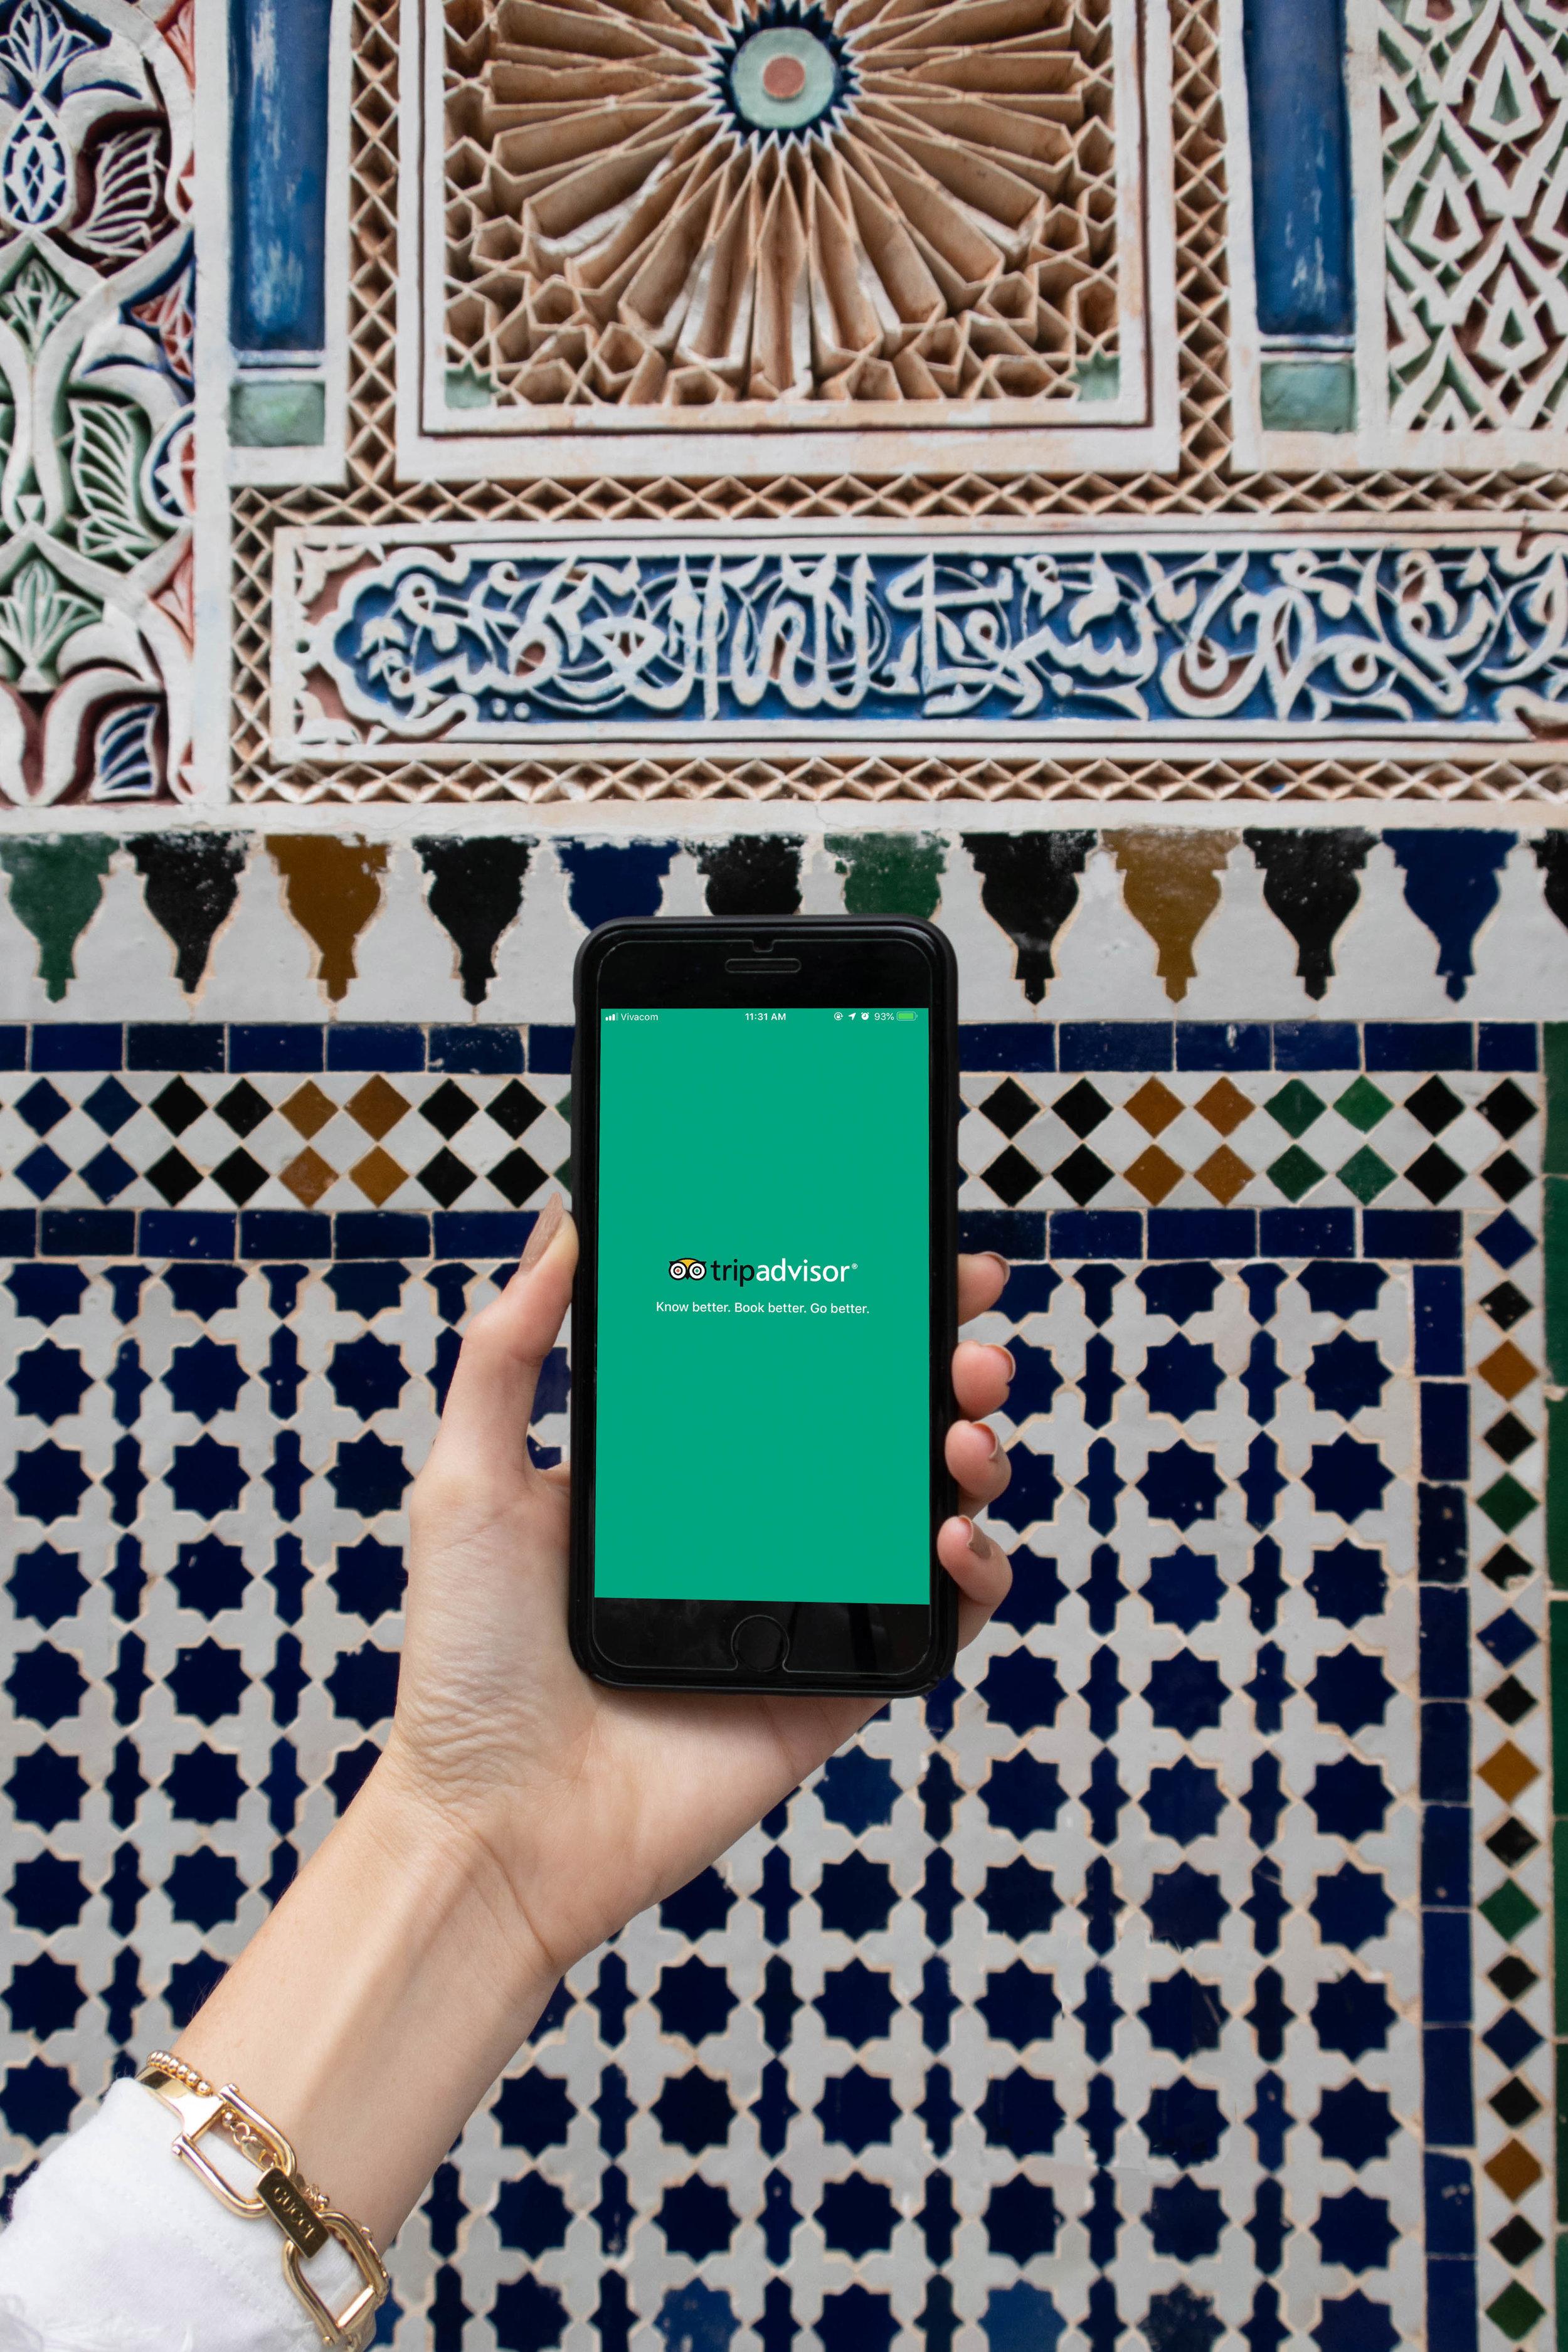 TripAdvisor Mobile.jpg